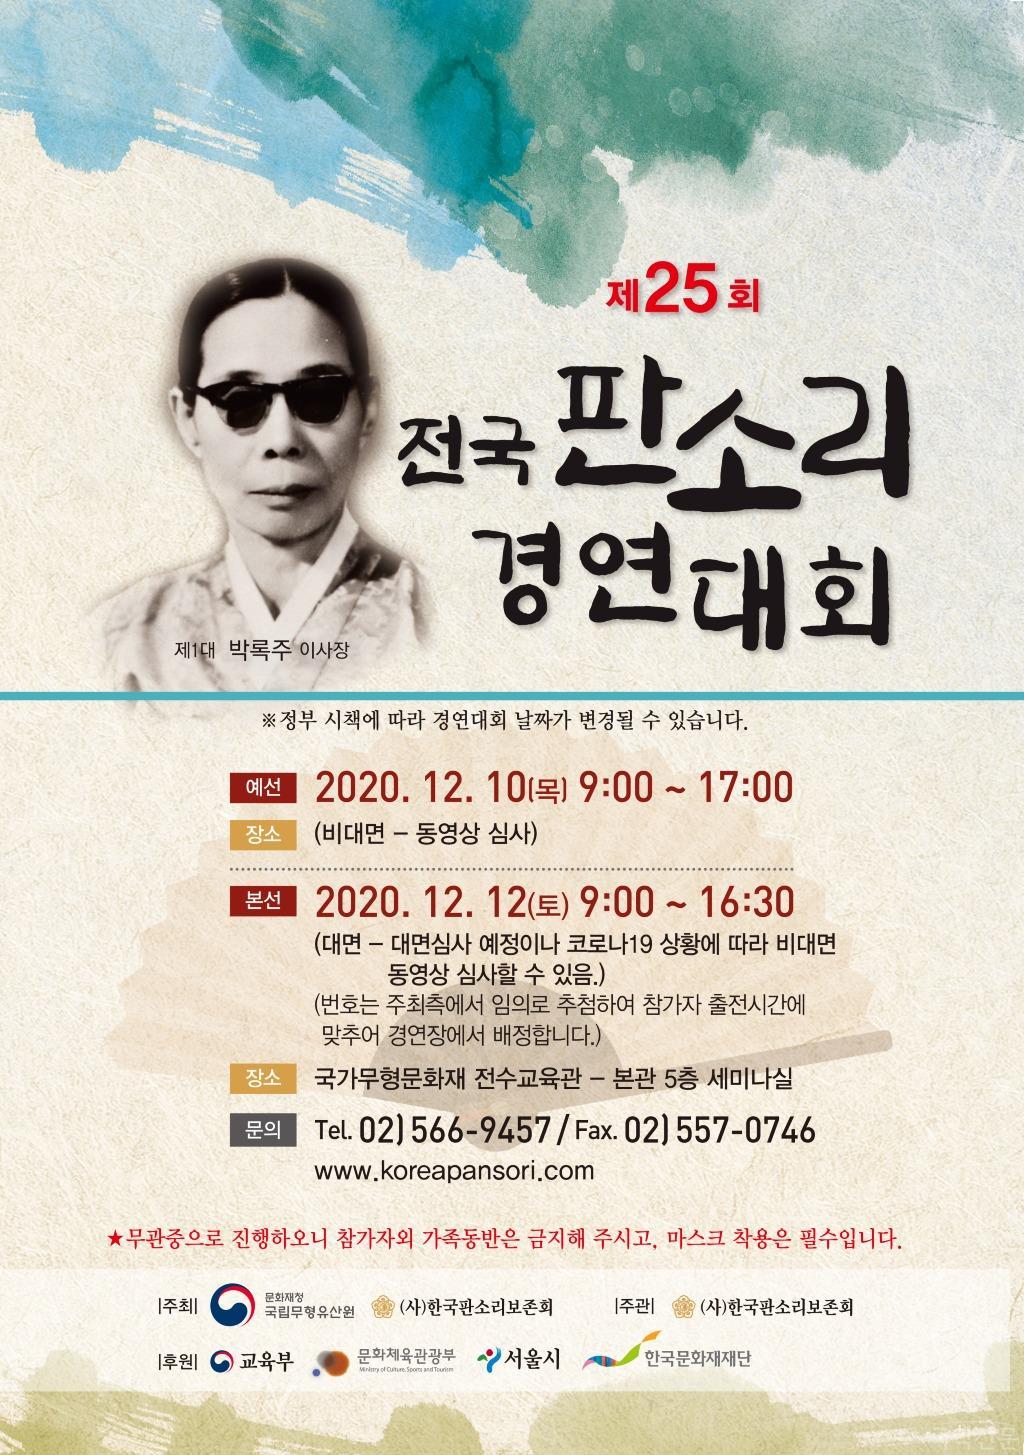 최종화일   판소리 경연대회 팜플렛 1117 출력수정-1.jpg